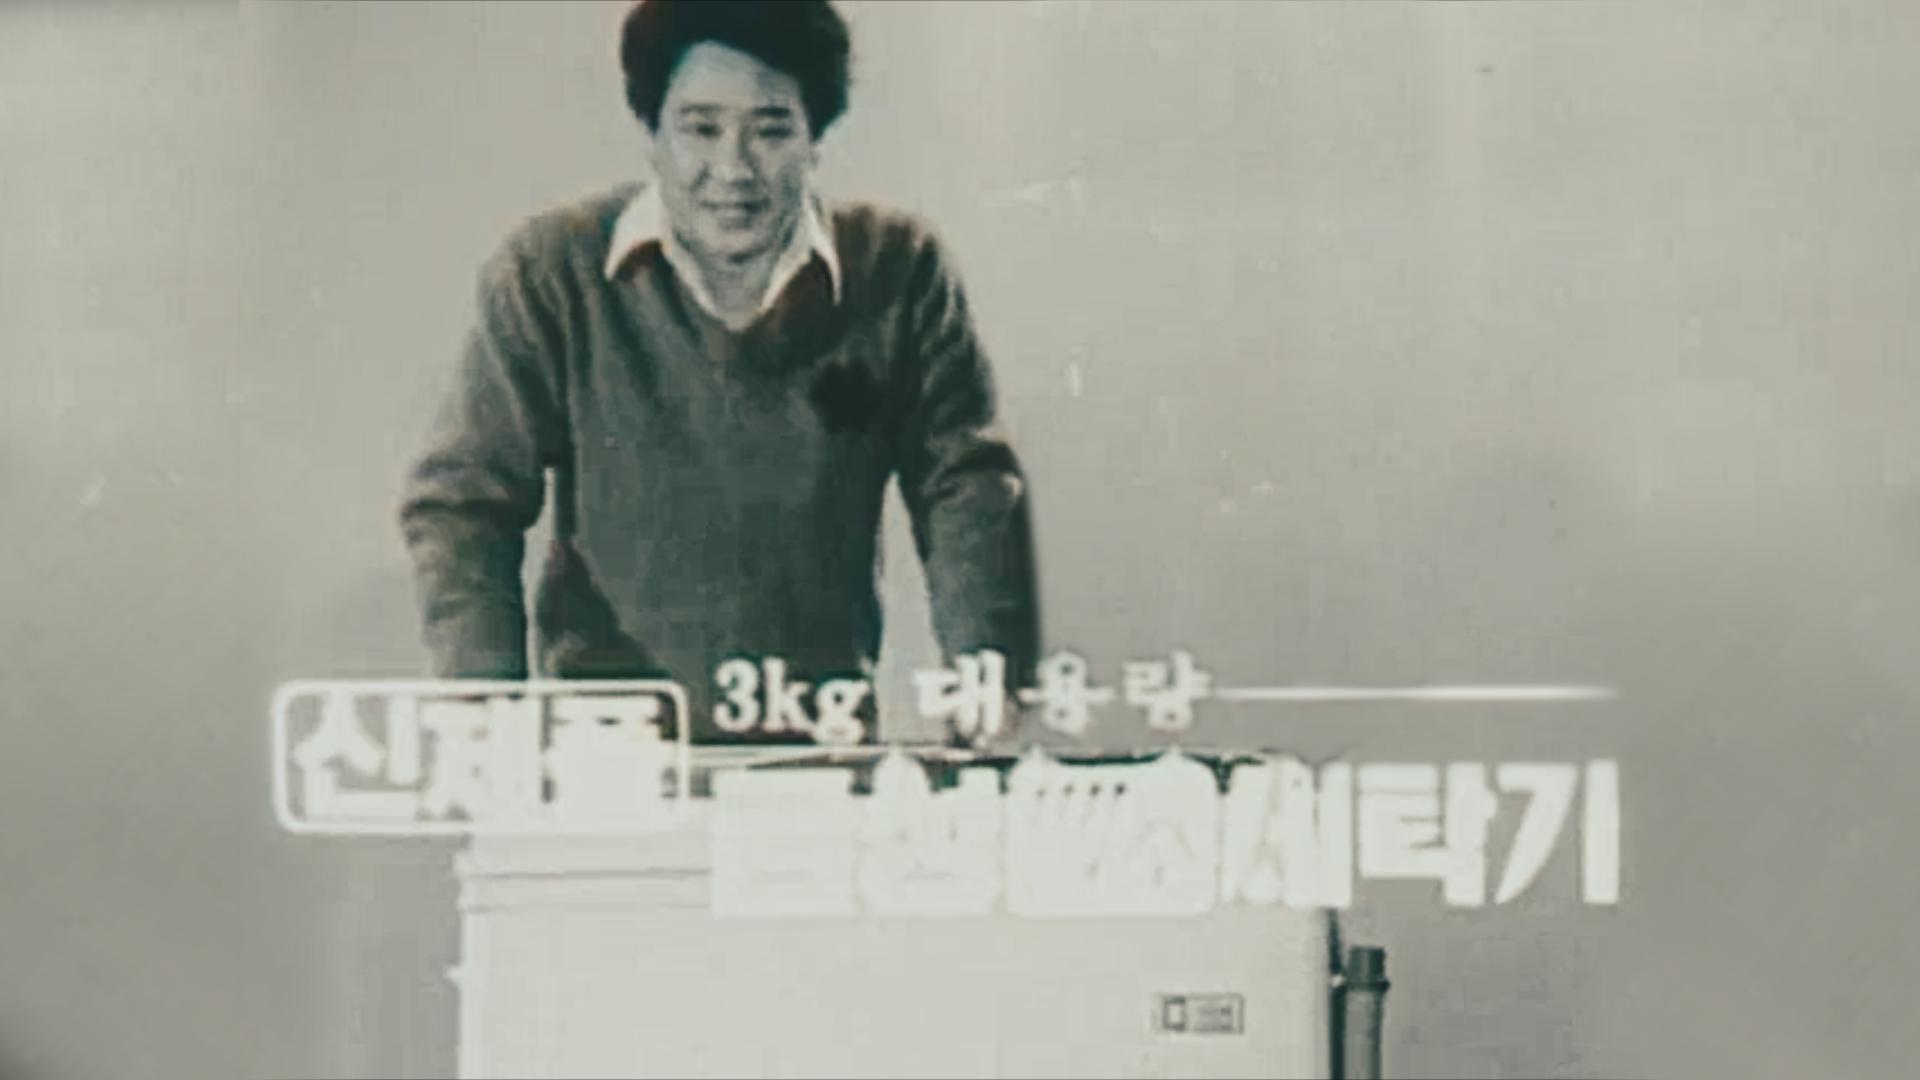 배우 최불암씨가 광고모델로 출연했던 국내 최초 세탁기인 금성사(現 LG전자) '백조세탁기' 광고의 한 장면